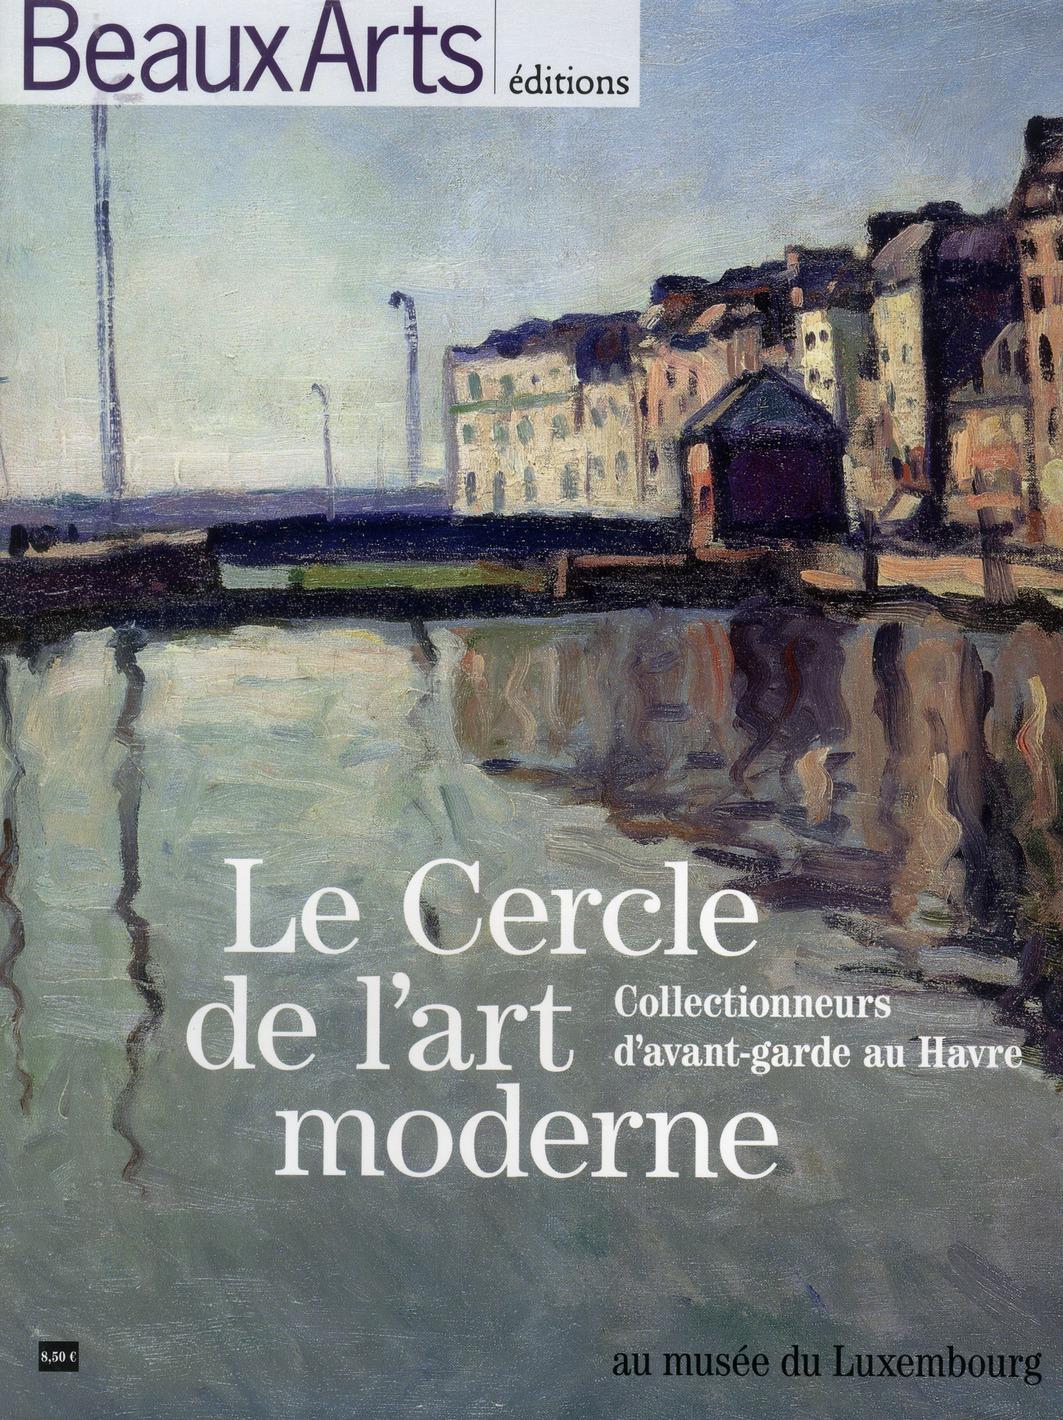 LE CERCLE DE L'ART MODERNE COLLECTIONNEURS D'AVANT-GARDE AU HAVRE